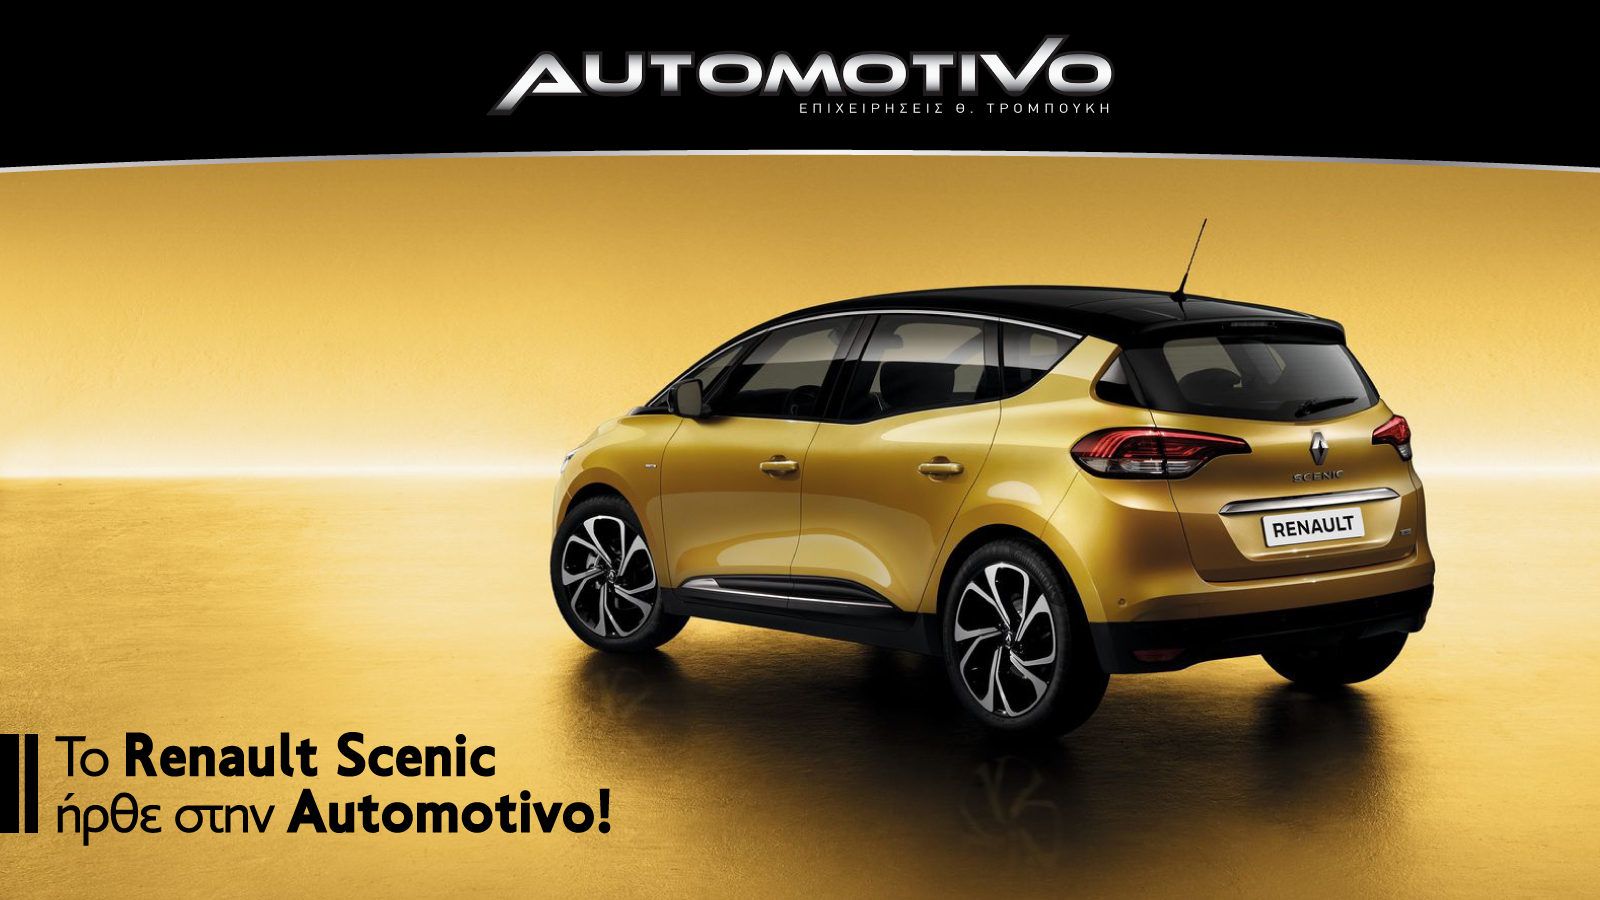 automotivo-scenic-2